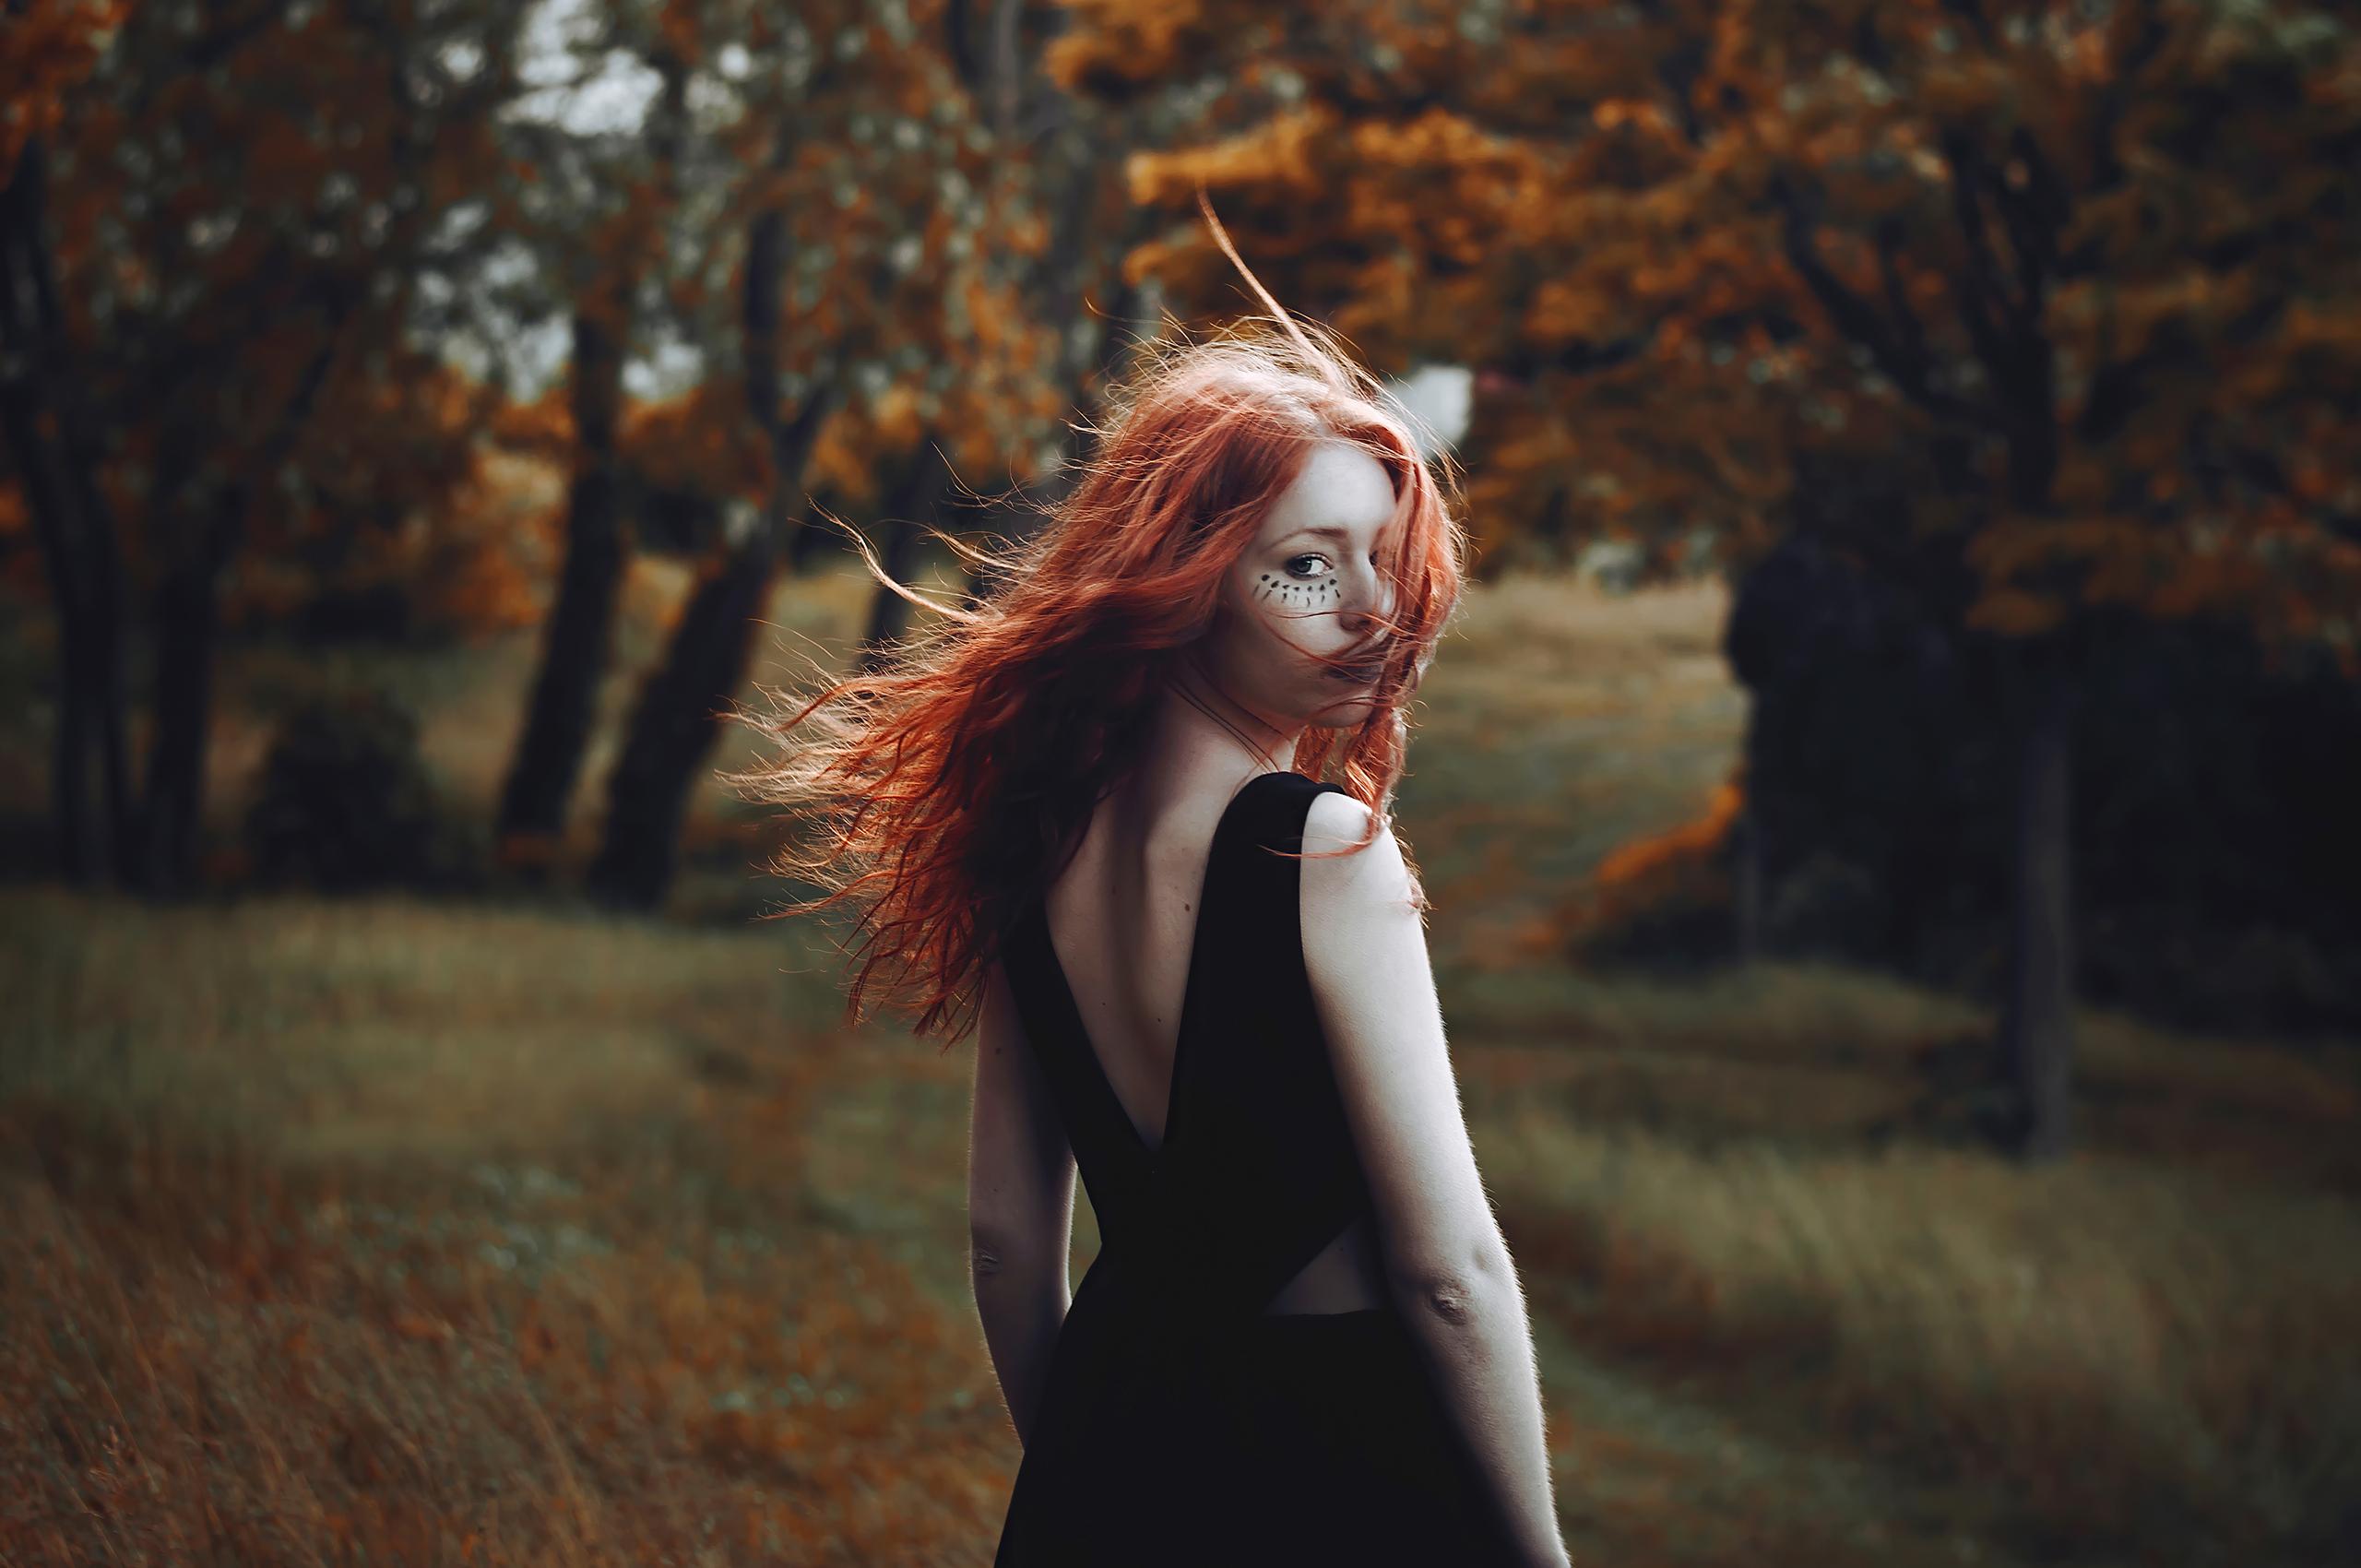 red-hair-girl-hair-in-air-4k-ek.jpg